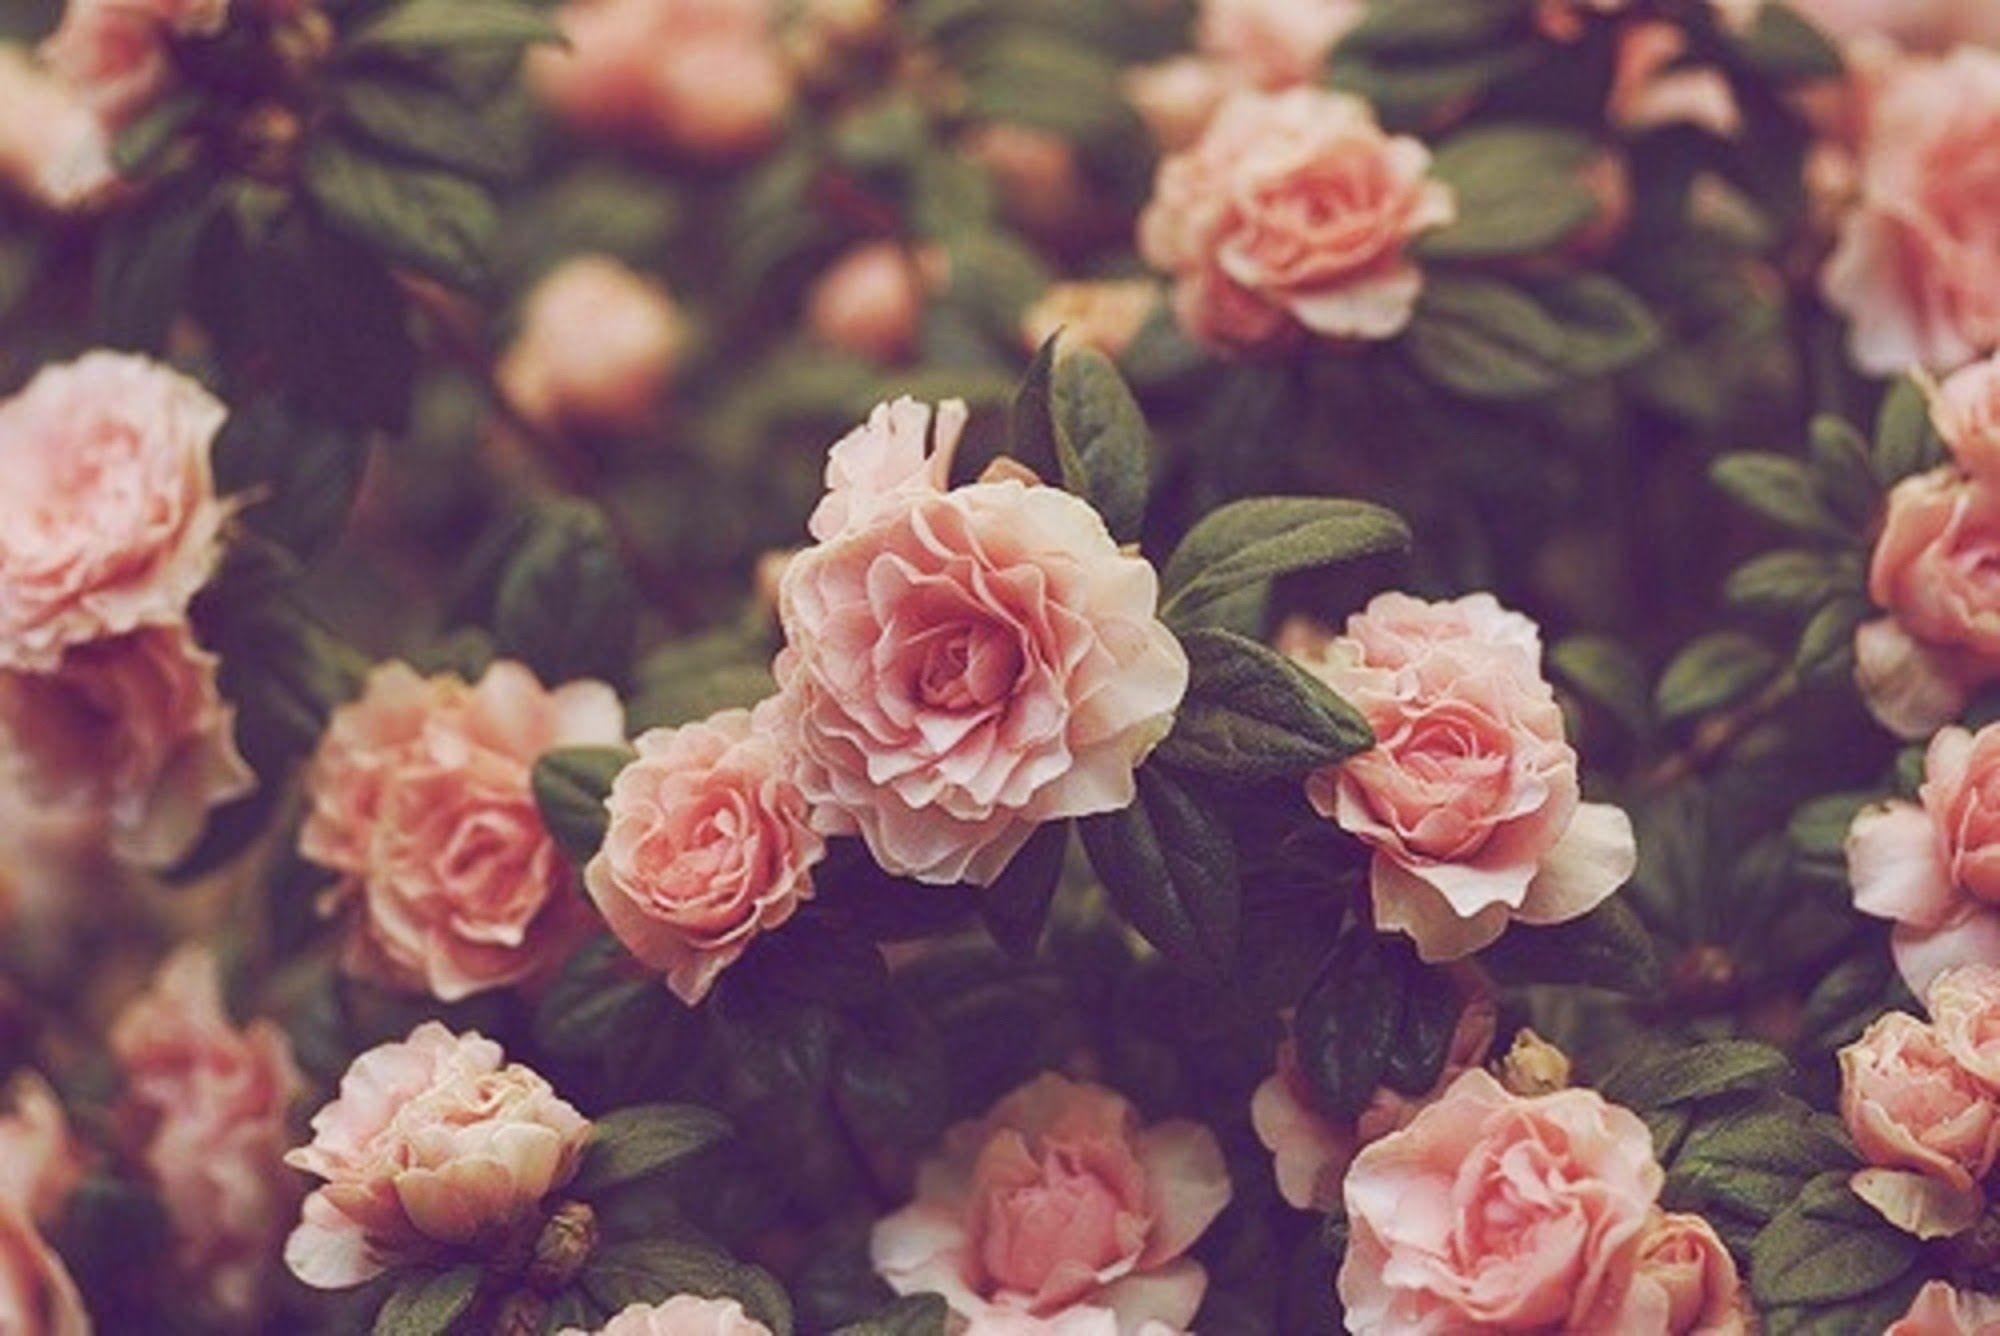 Background: Cool Vintage Floral Background. Vintage Floral Background